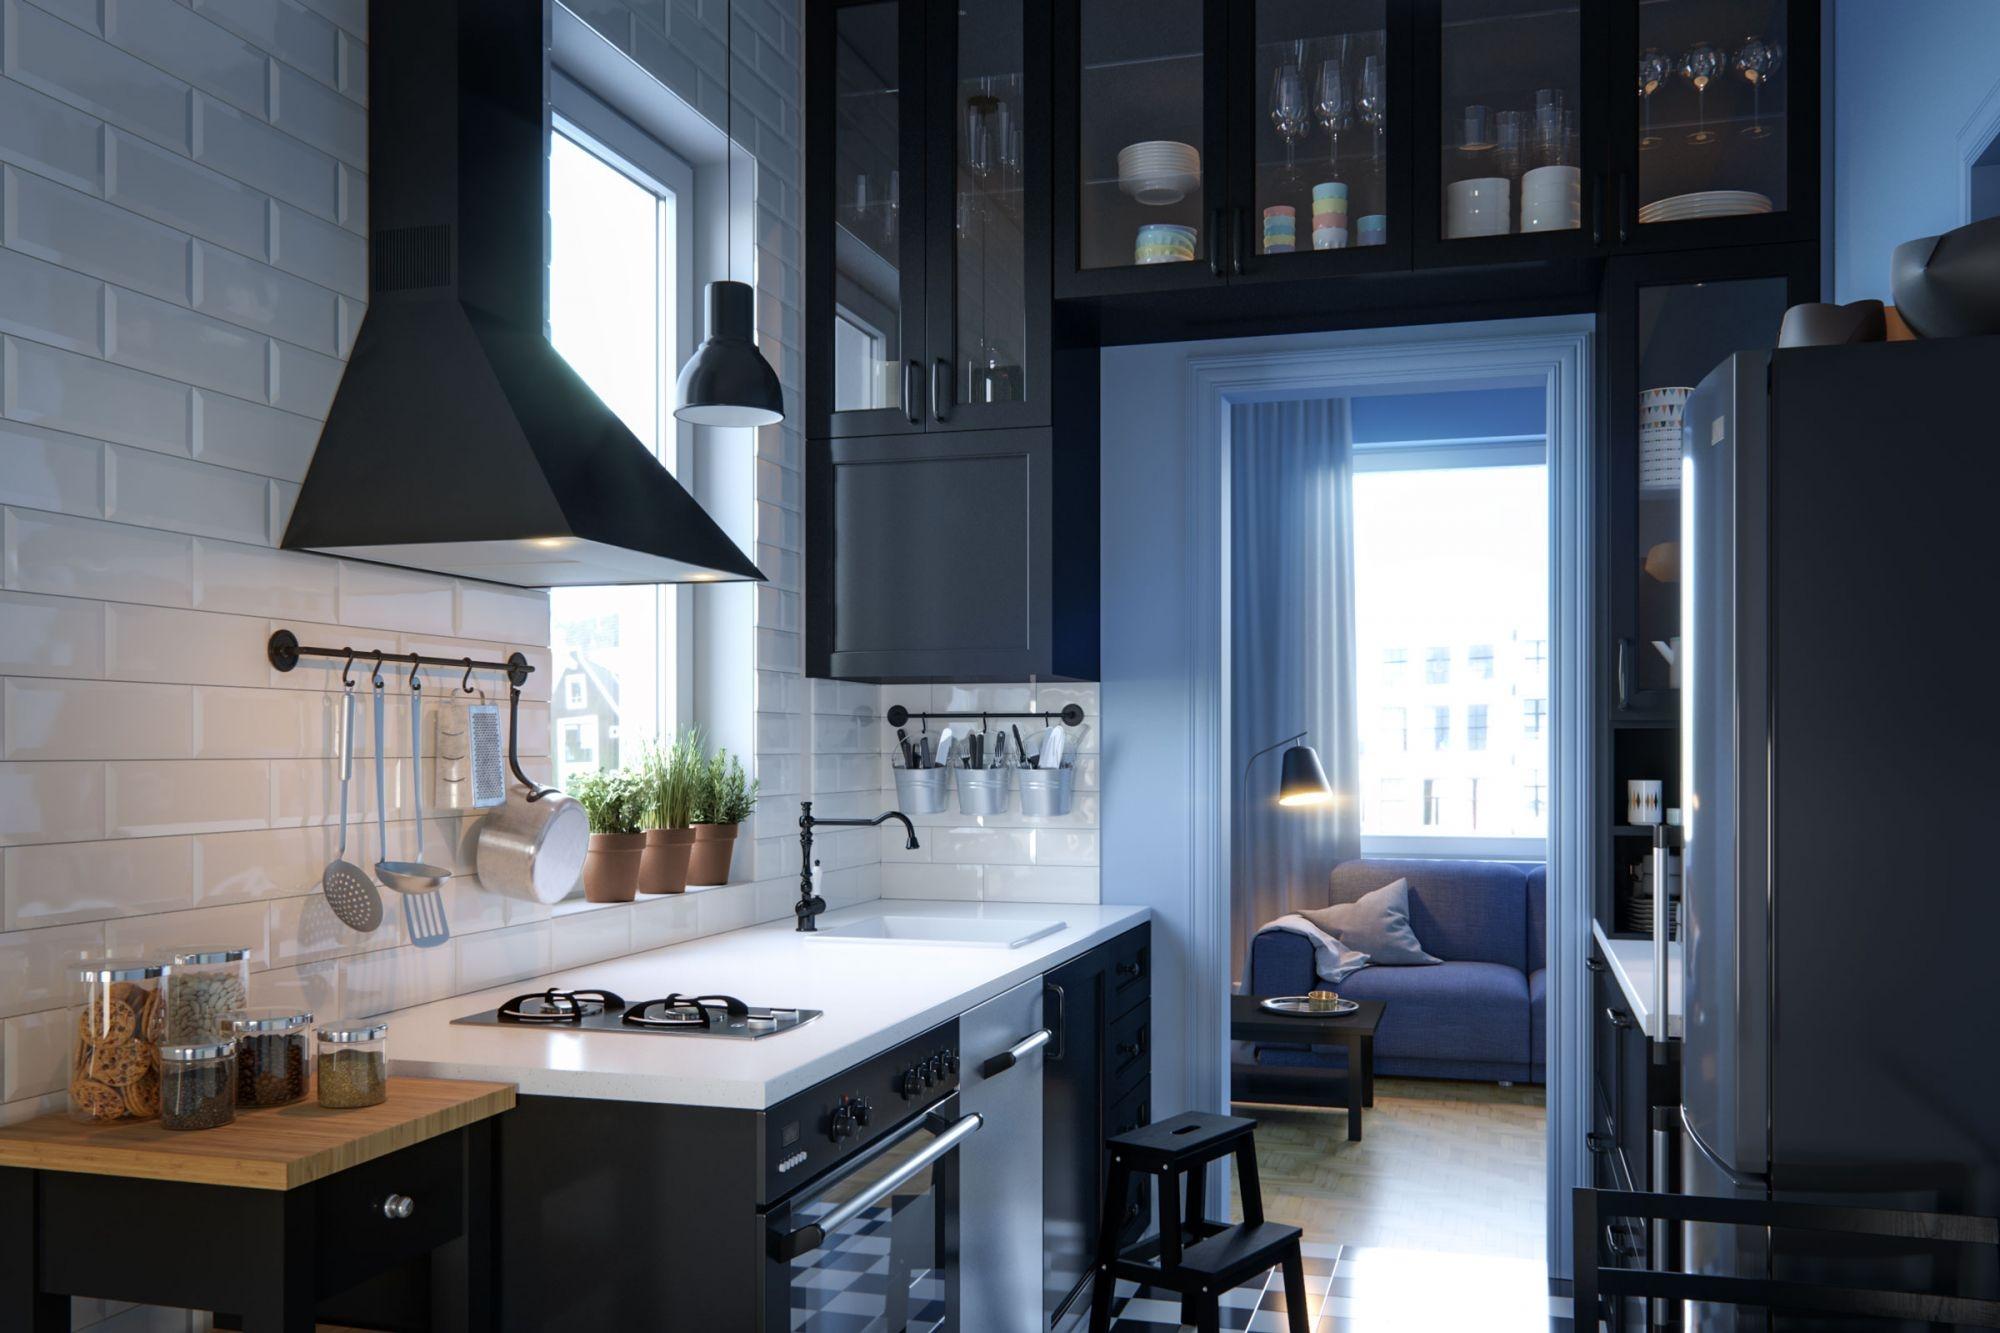 Dejligt ikea køkkenkatalog som professionel bruger af cgarchitect 3d arkitektonisk visualisering - Inspirerende hjemideer